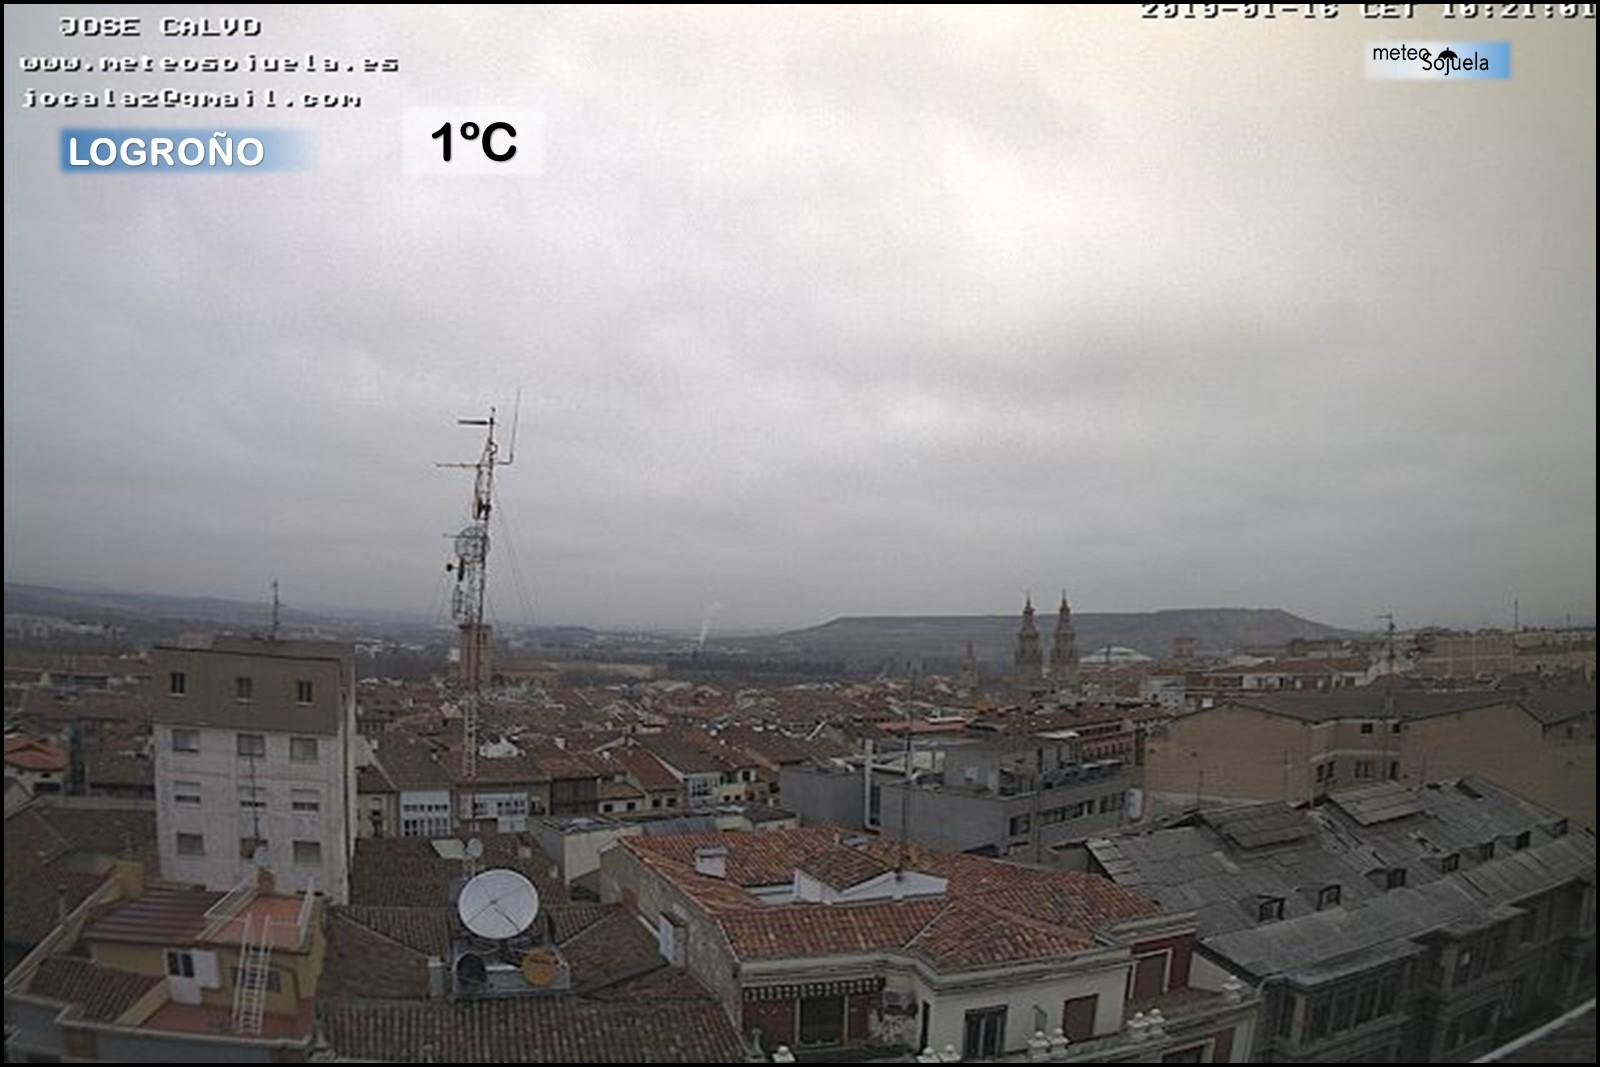 Nieblas Logroño Meteosojuela La Rioja